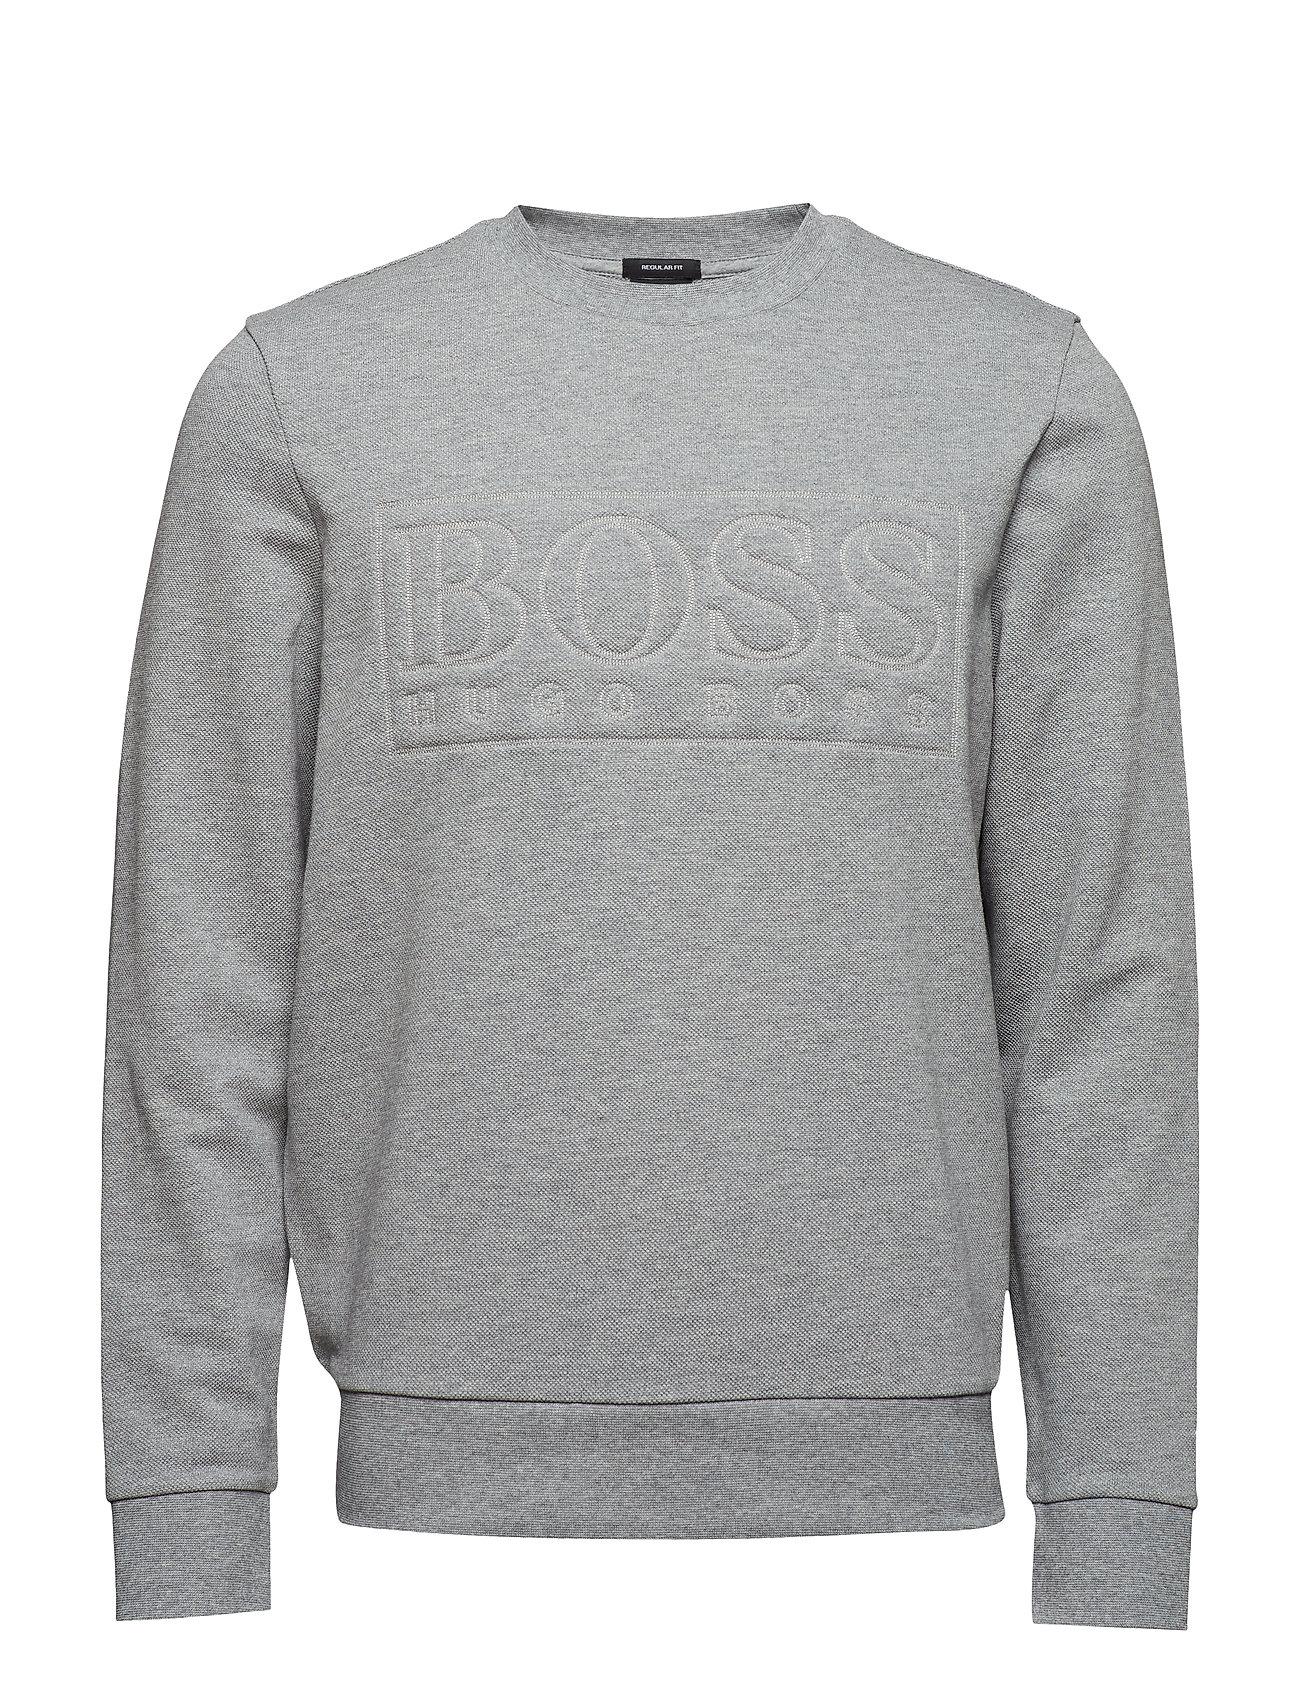 BOSS Business Wear Stadler 16 - SILVER